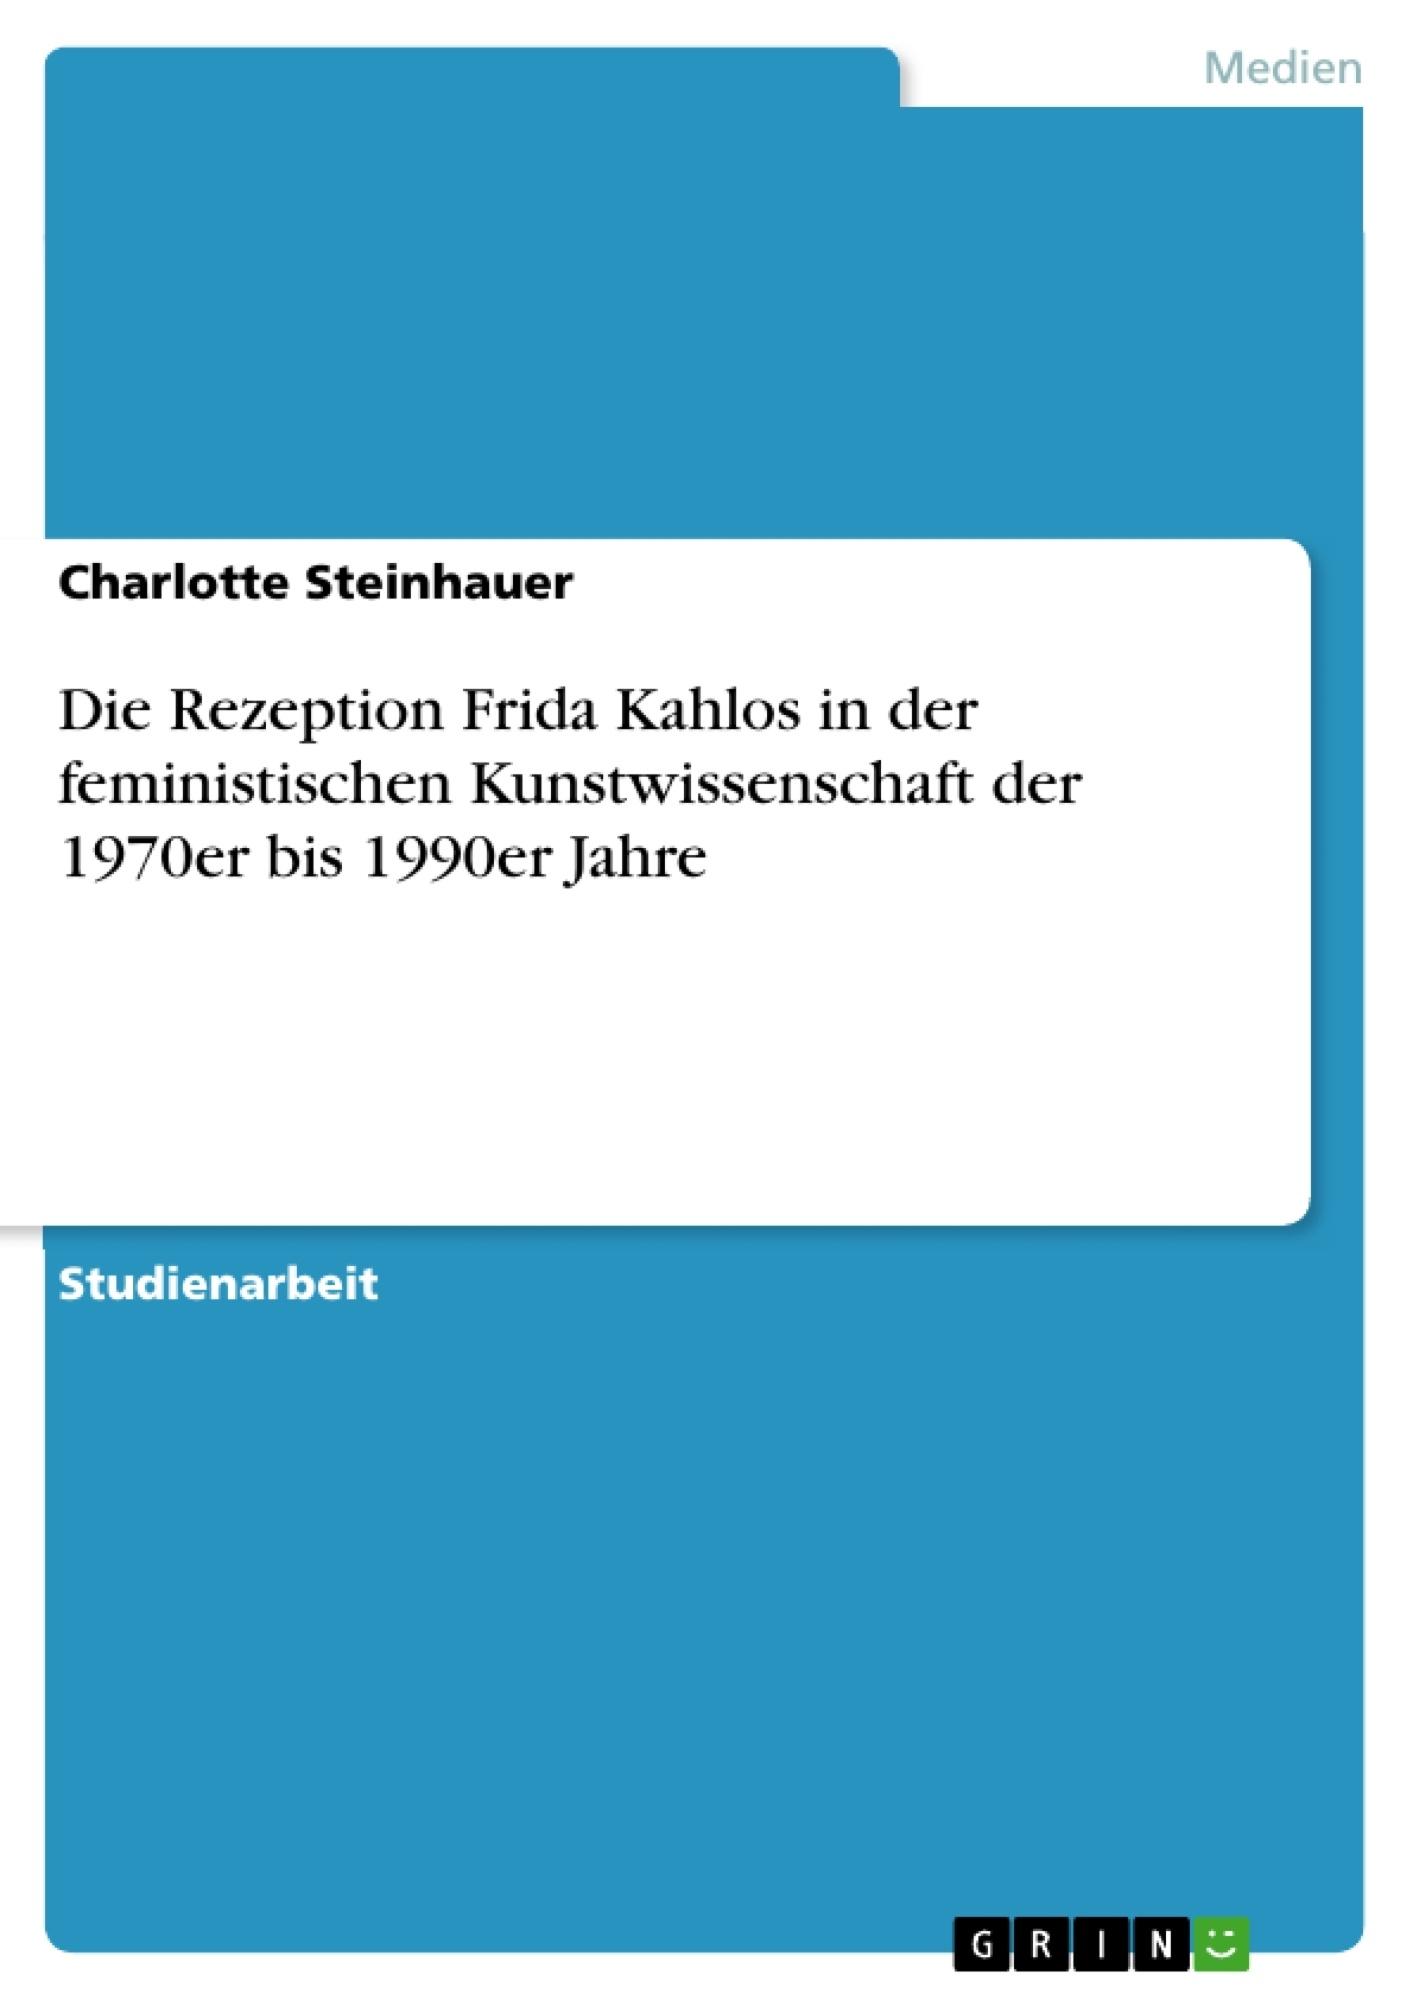 Titel: Die Rezeption Frida Kahlos in der feministischen Kunstwissenschaft der 1970er bis 1990er Jahre